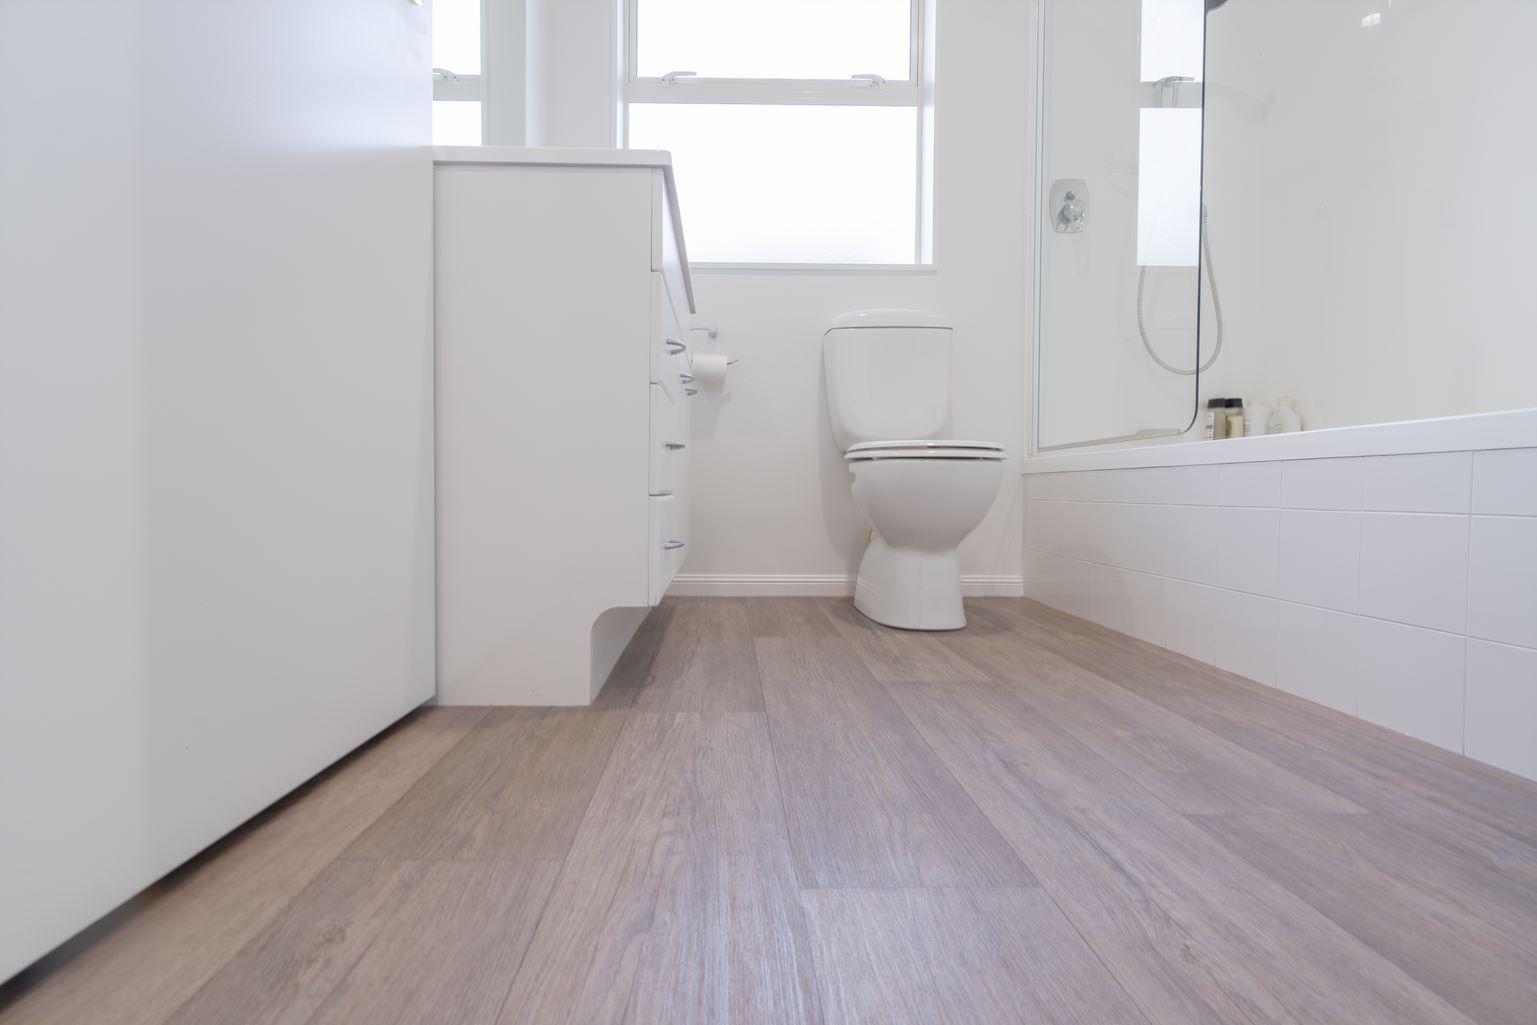 family bathroom- new commercial grade vinyl flooring